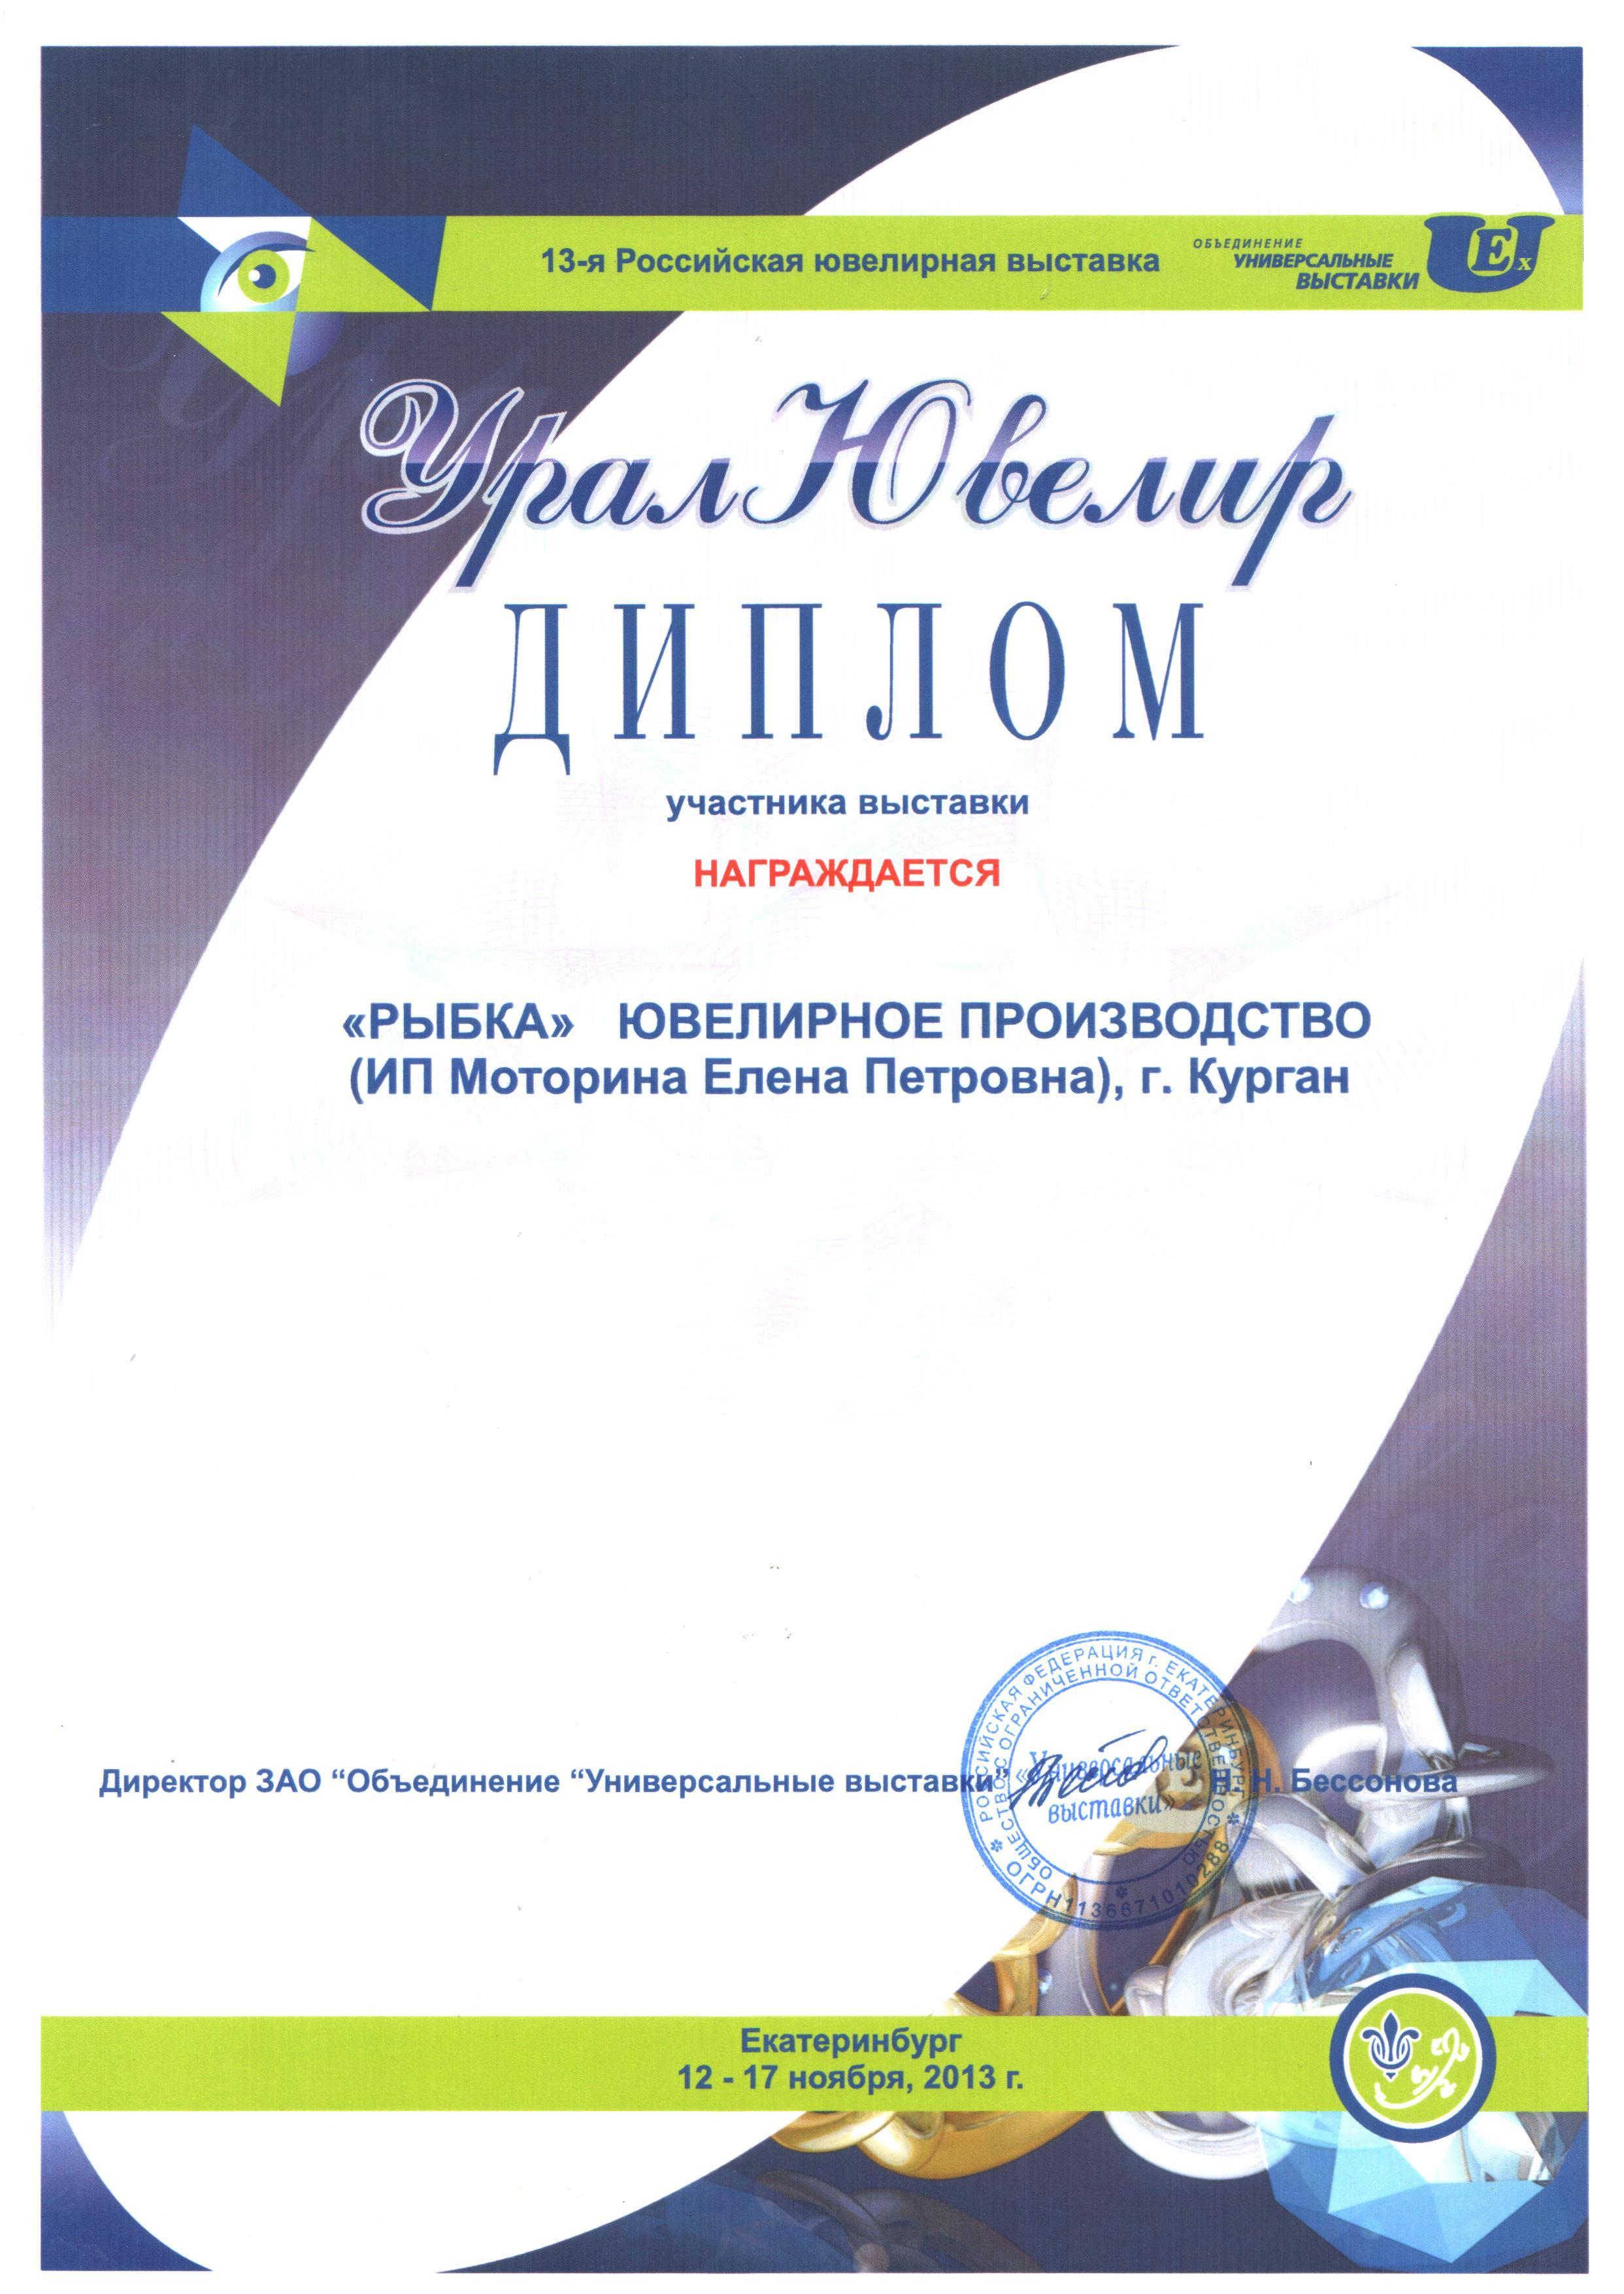 Урал Ювелир2013